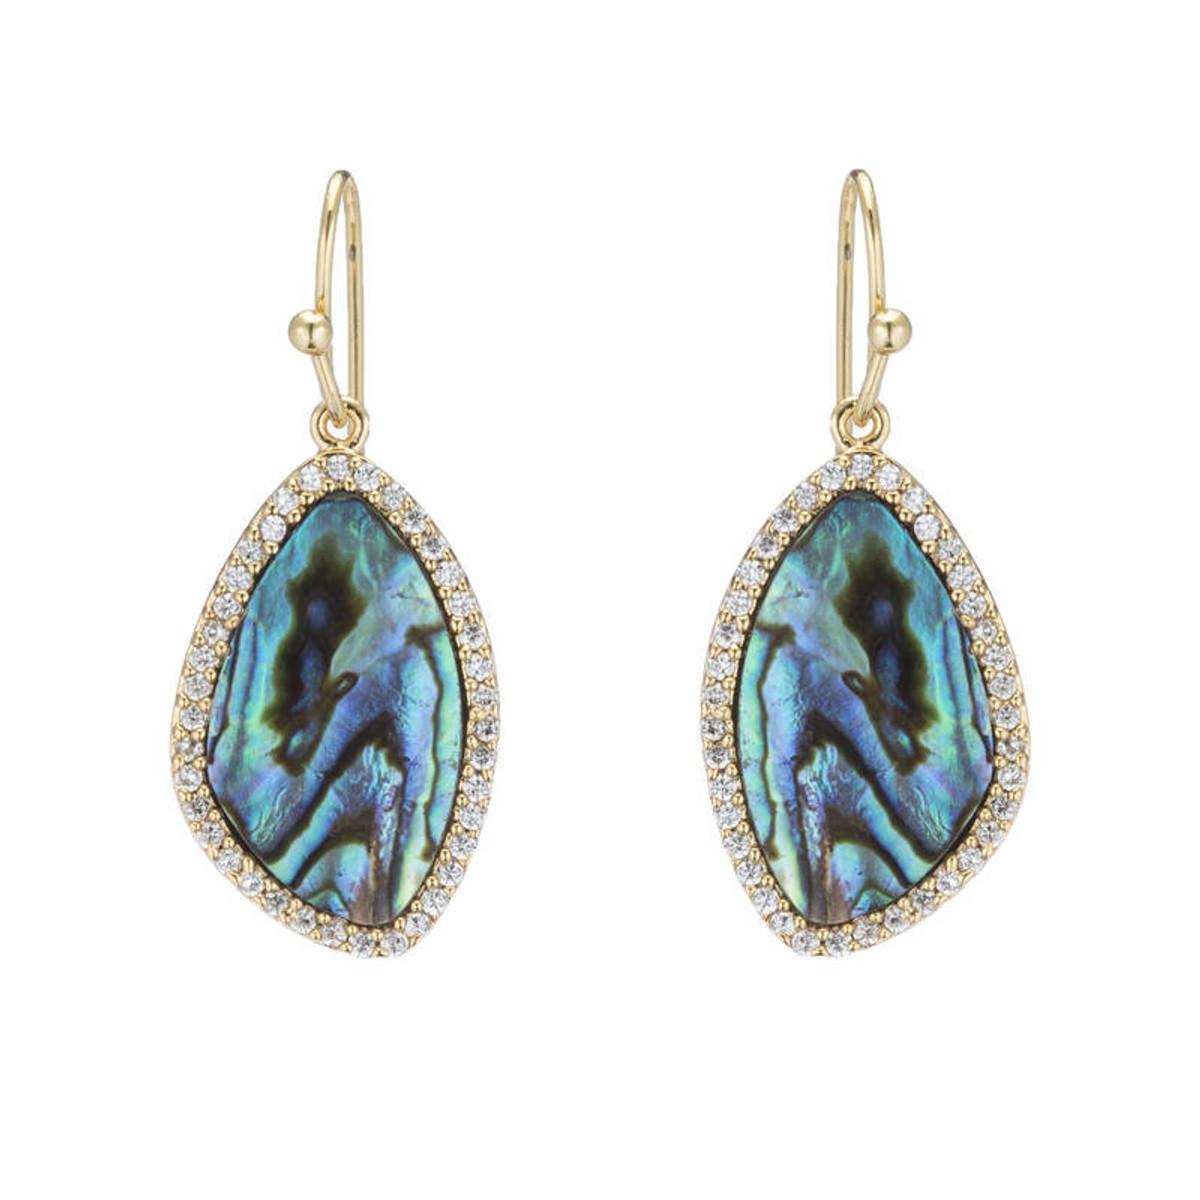 Marcia Moran Jewelry Lilly Blue Earrings